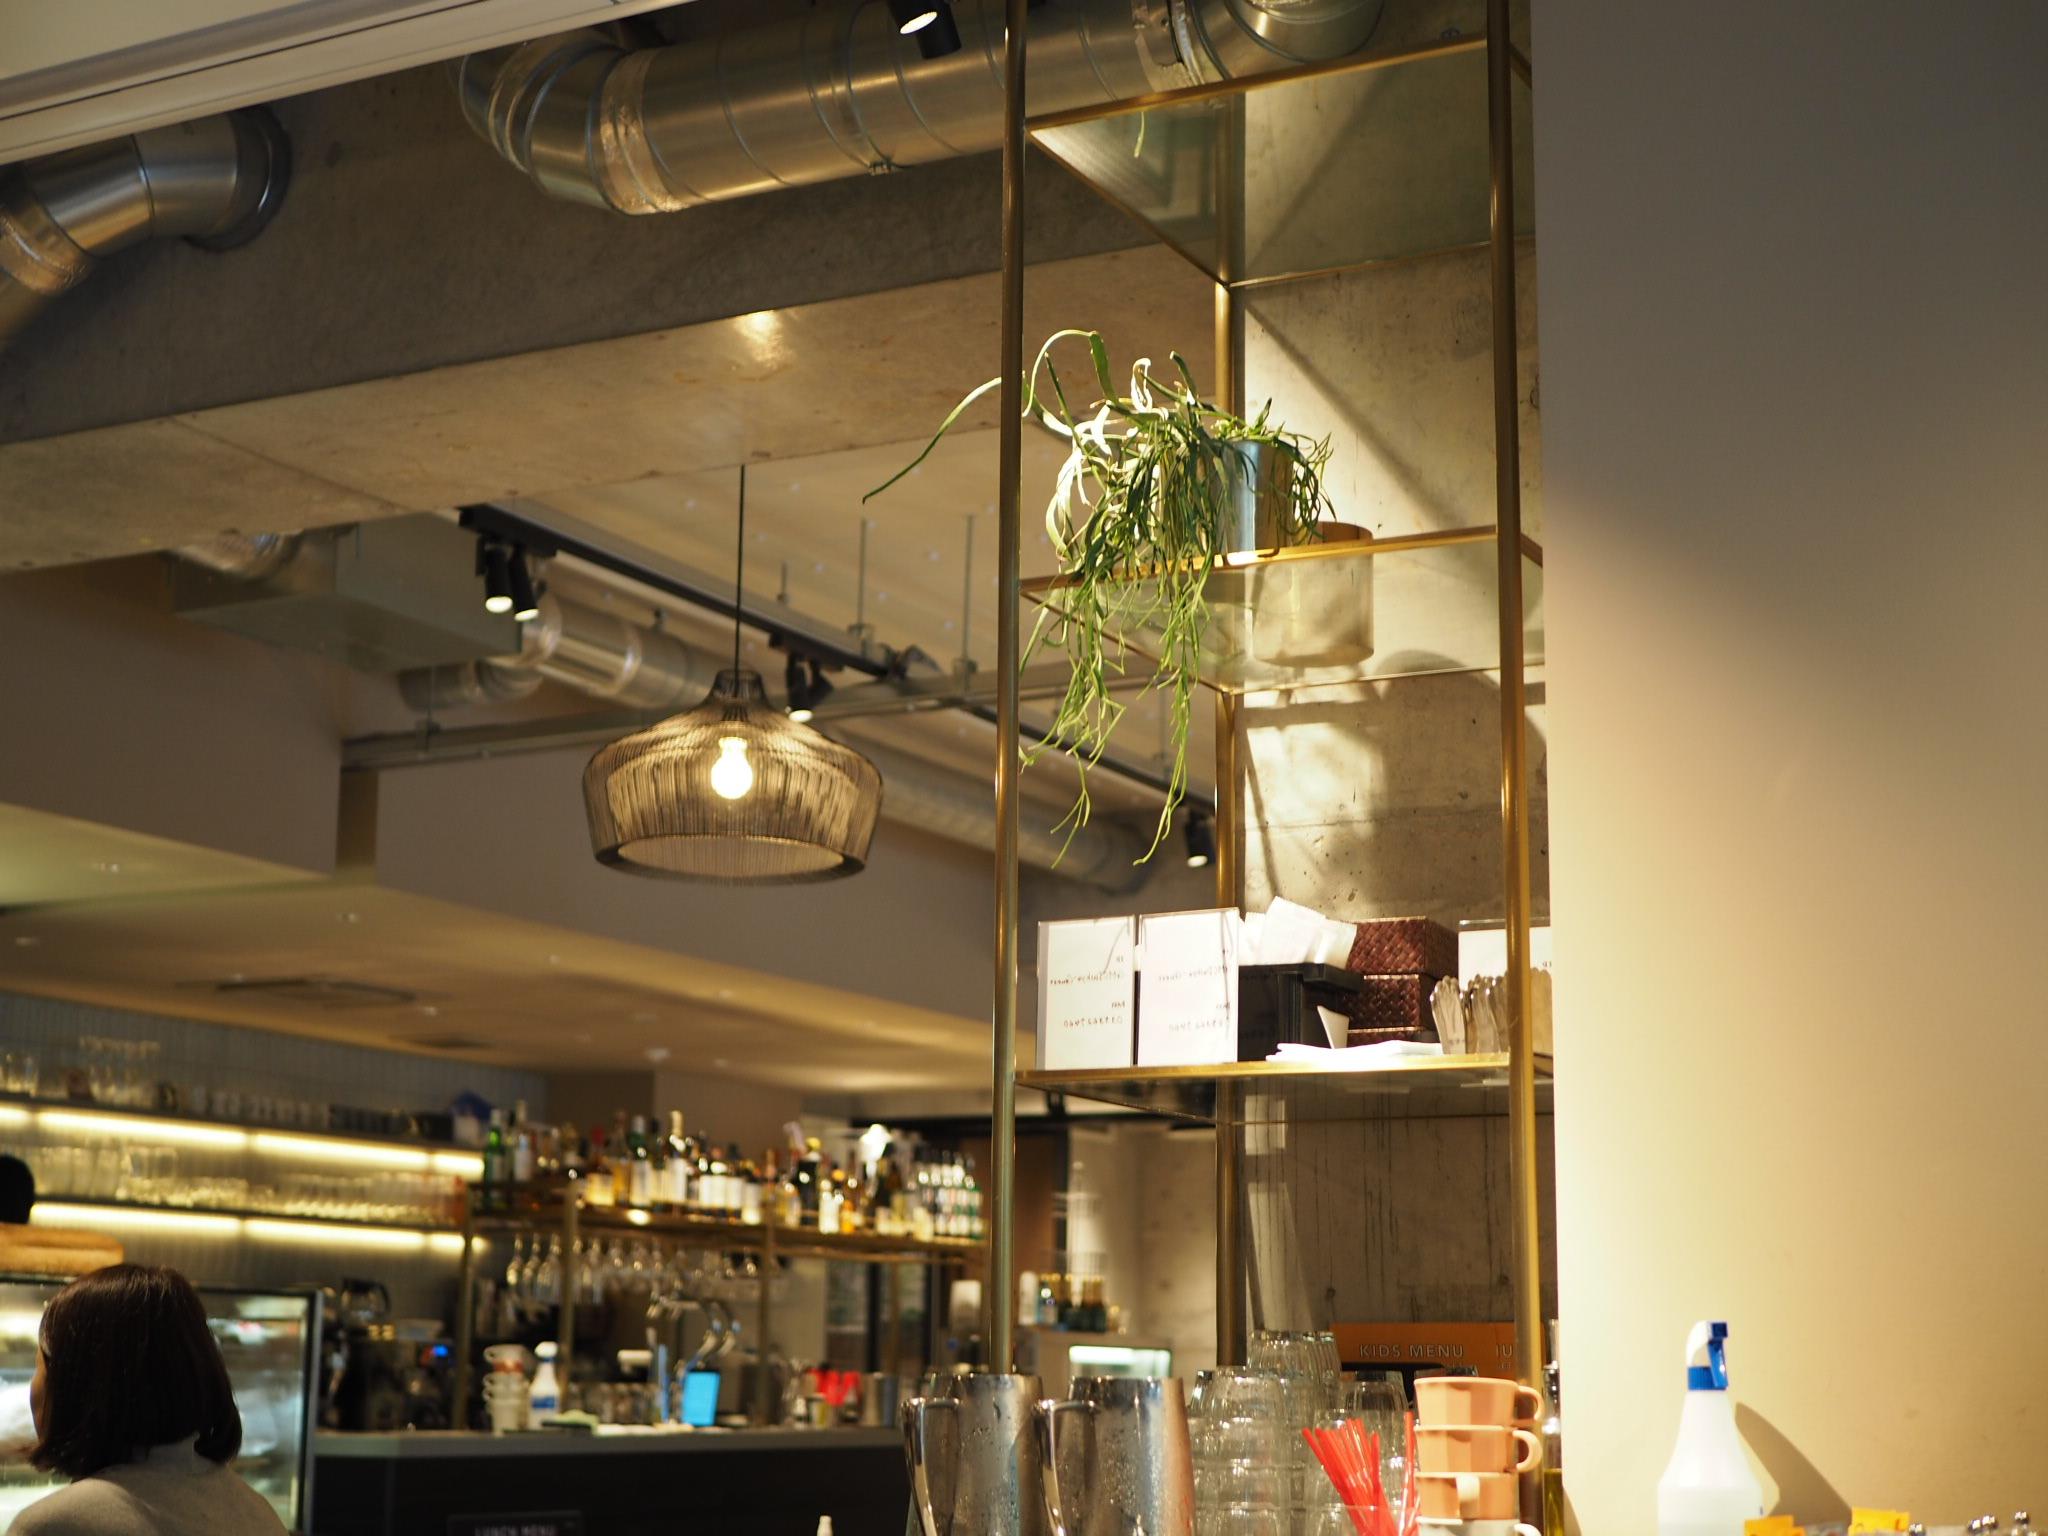 【千駄ヶ谷】「GOOD MORNING CAFE」のお洒落テラスLUNCH❃❃❃_3